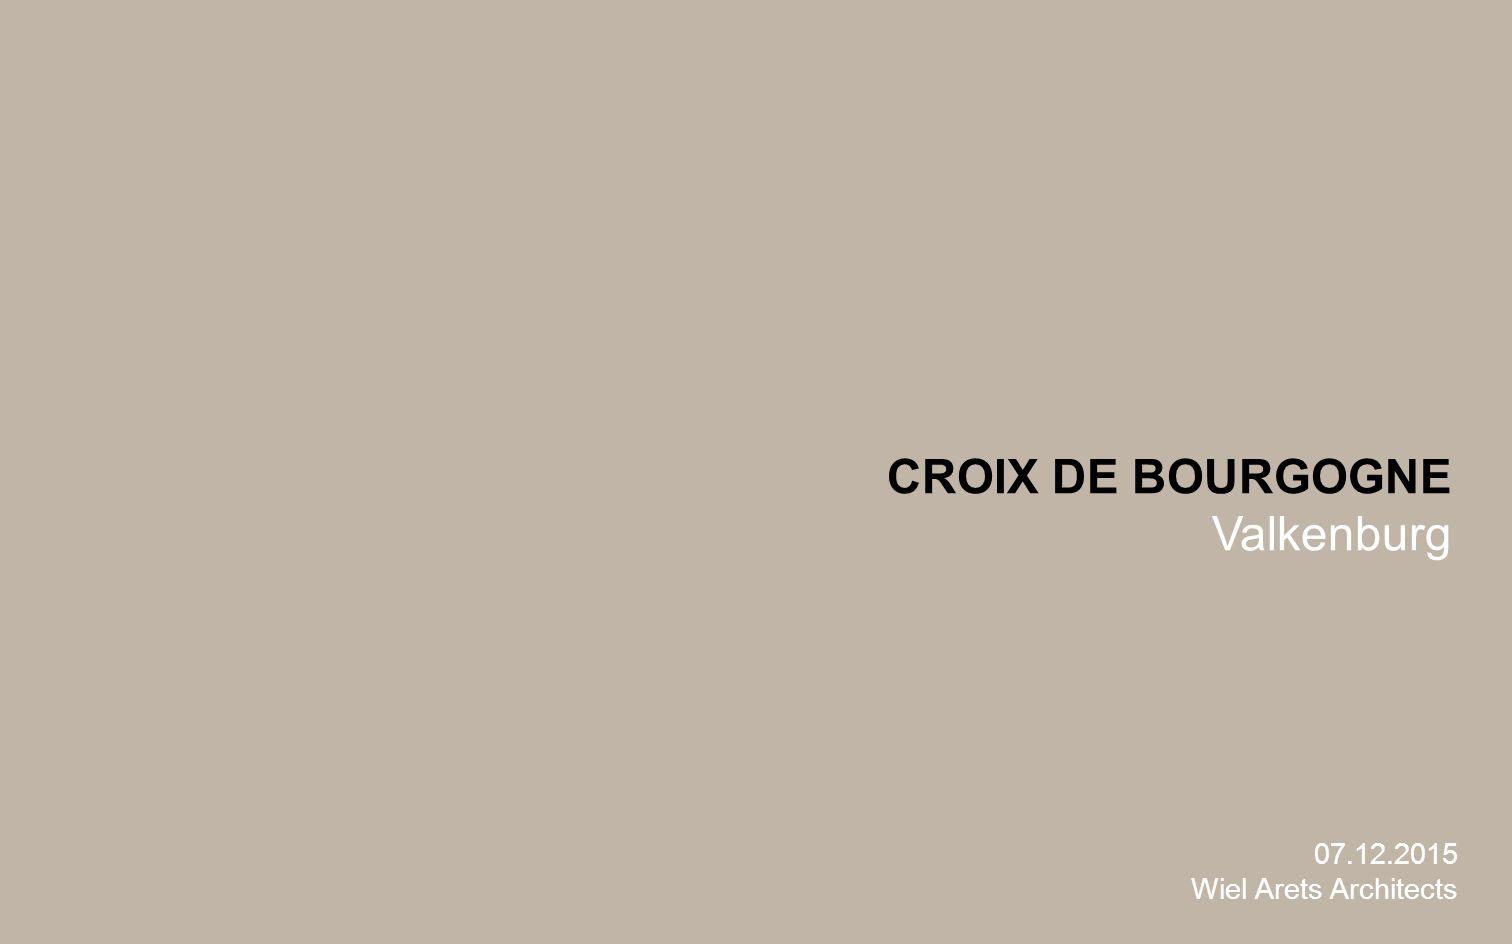 CROIX DE BOURGOGNE Valkenburg 07.12.2015 Wiel Arets Architects